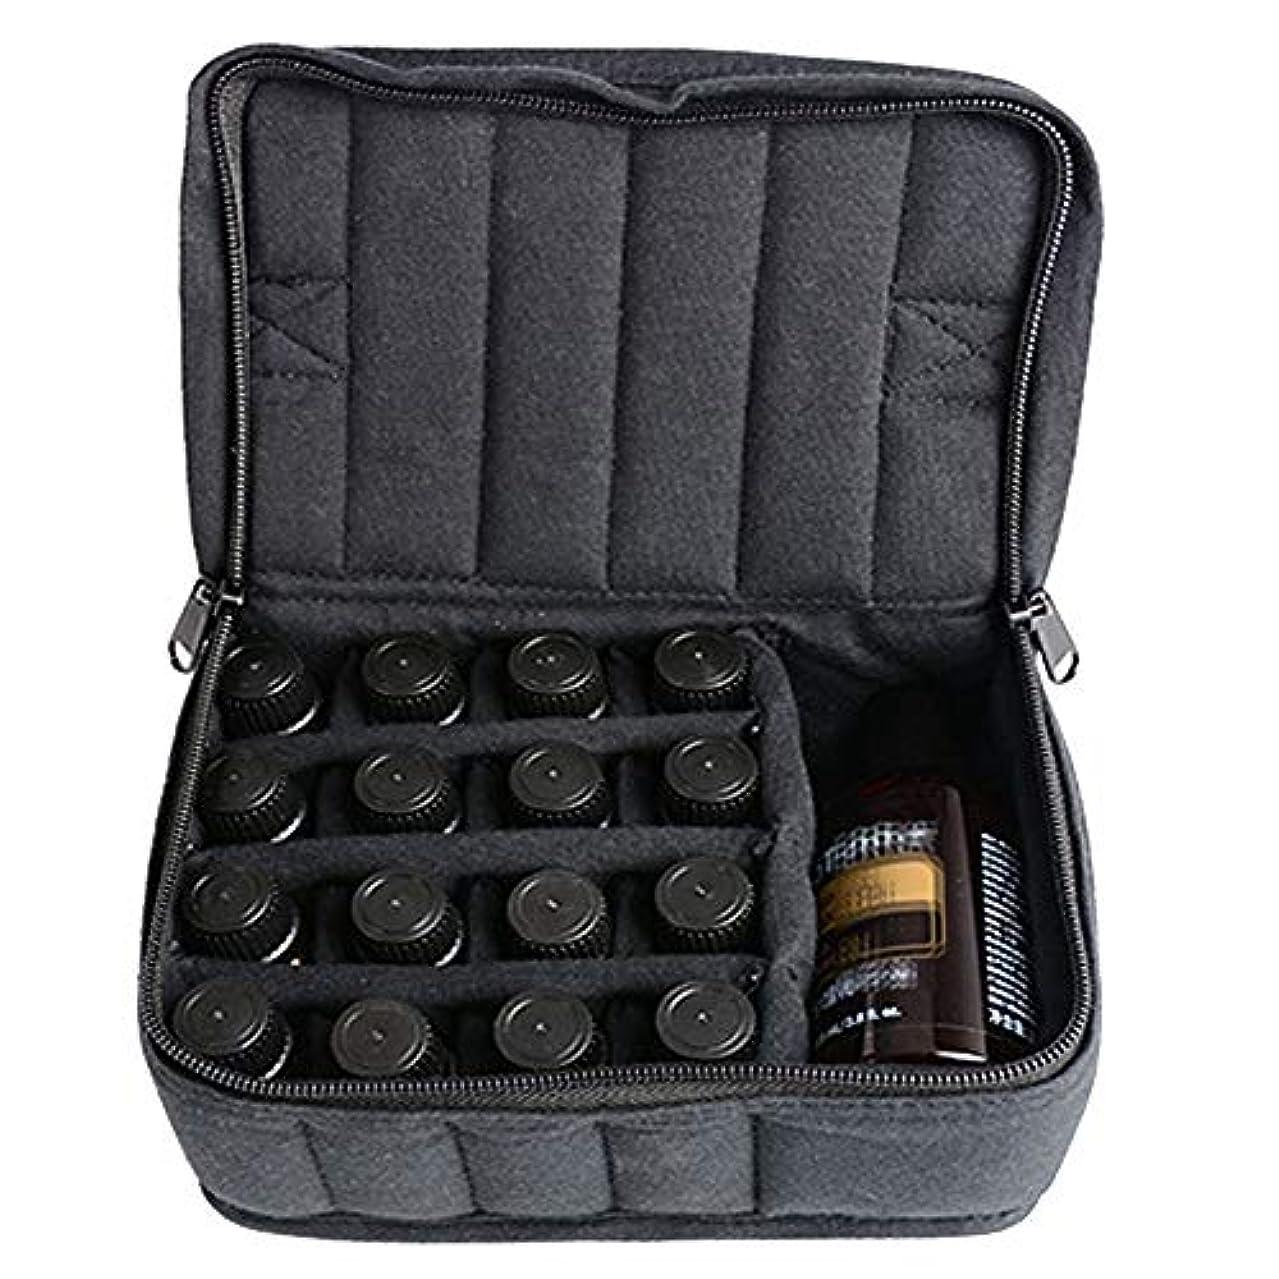 慈善まだ上昇エッセンシャルオイルストレージボックス ソフト17本のボトルエッセンシャルオイルキャリングケースは、旅行ブラックパープルのために17本のボトル5ミリリットル/ 10ミリリットル/ 15ミリリットルを開催します 旅行および...